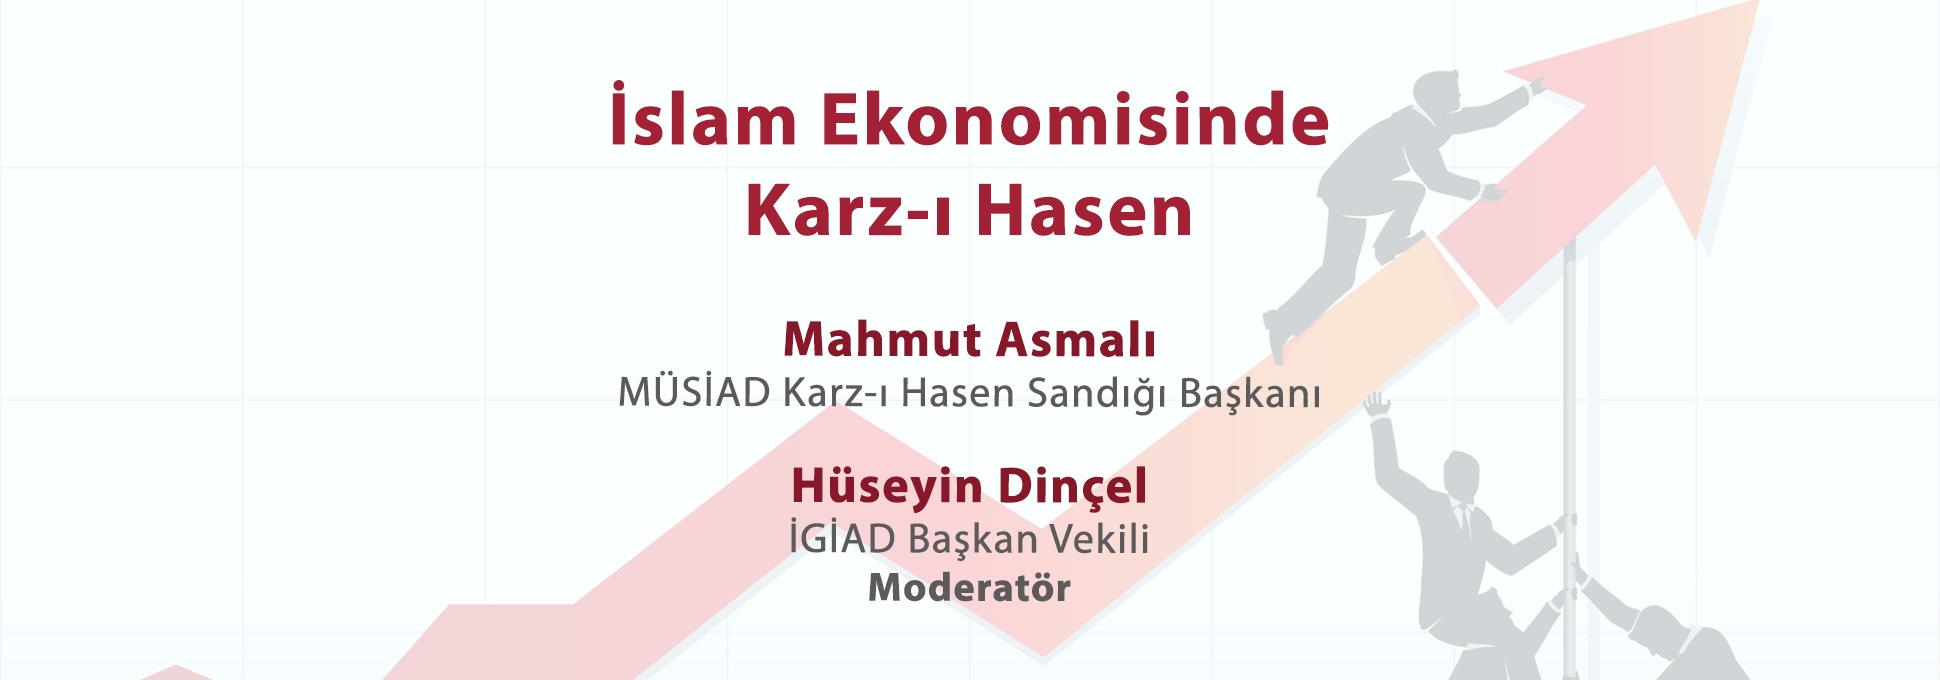 İslam Ekonomisinde Karz-ı Hasen